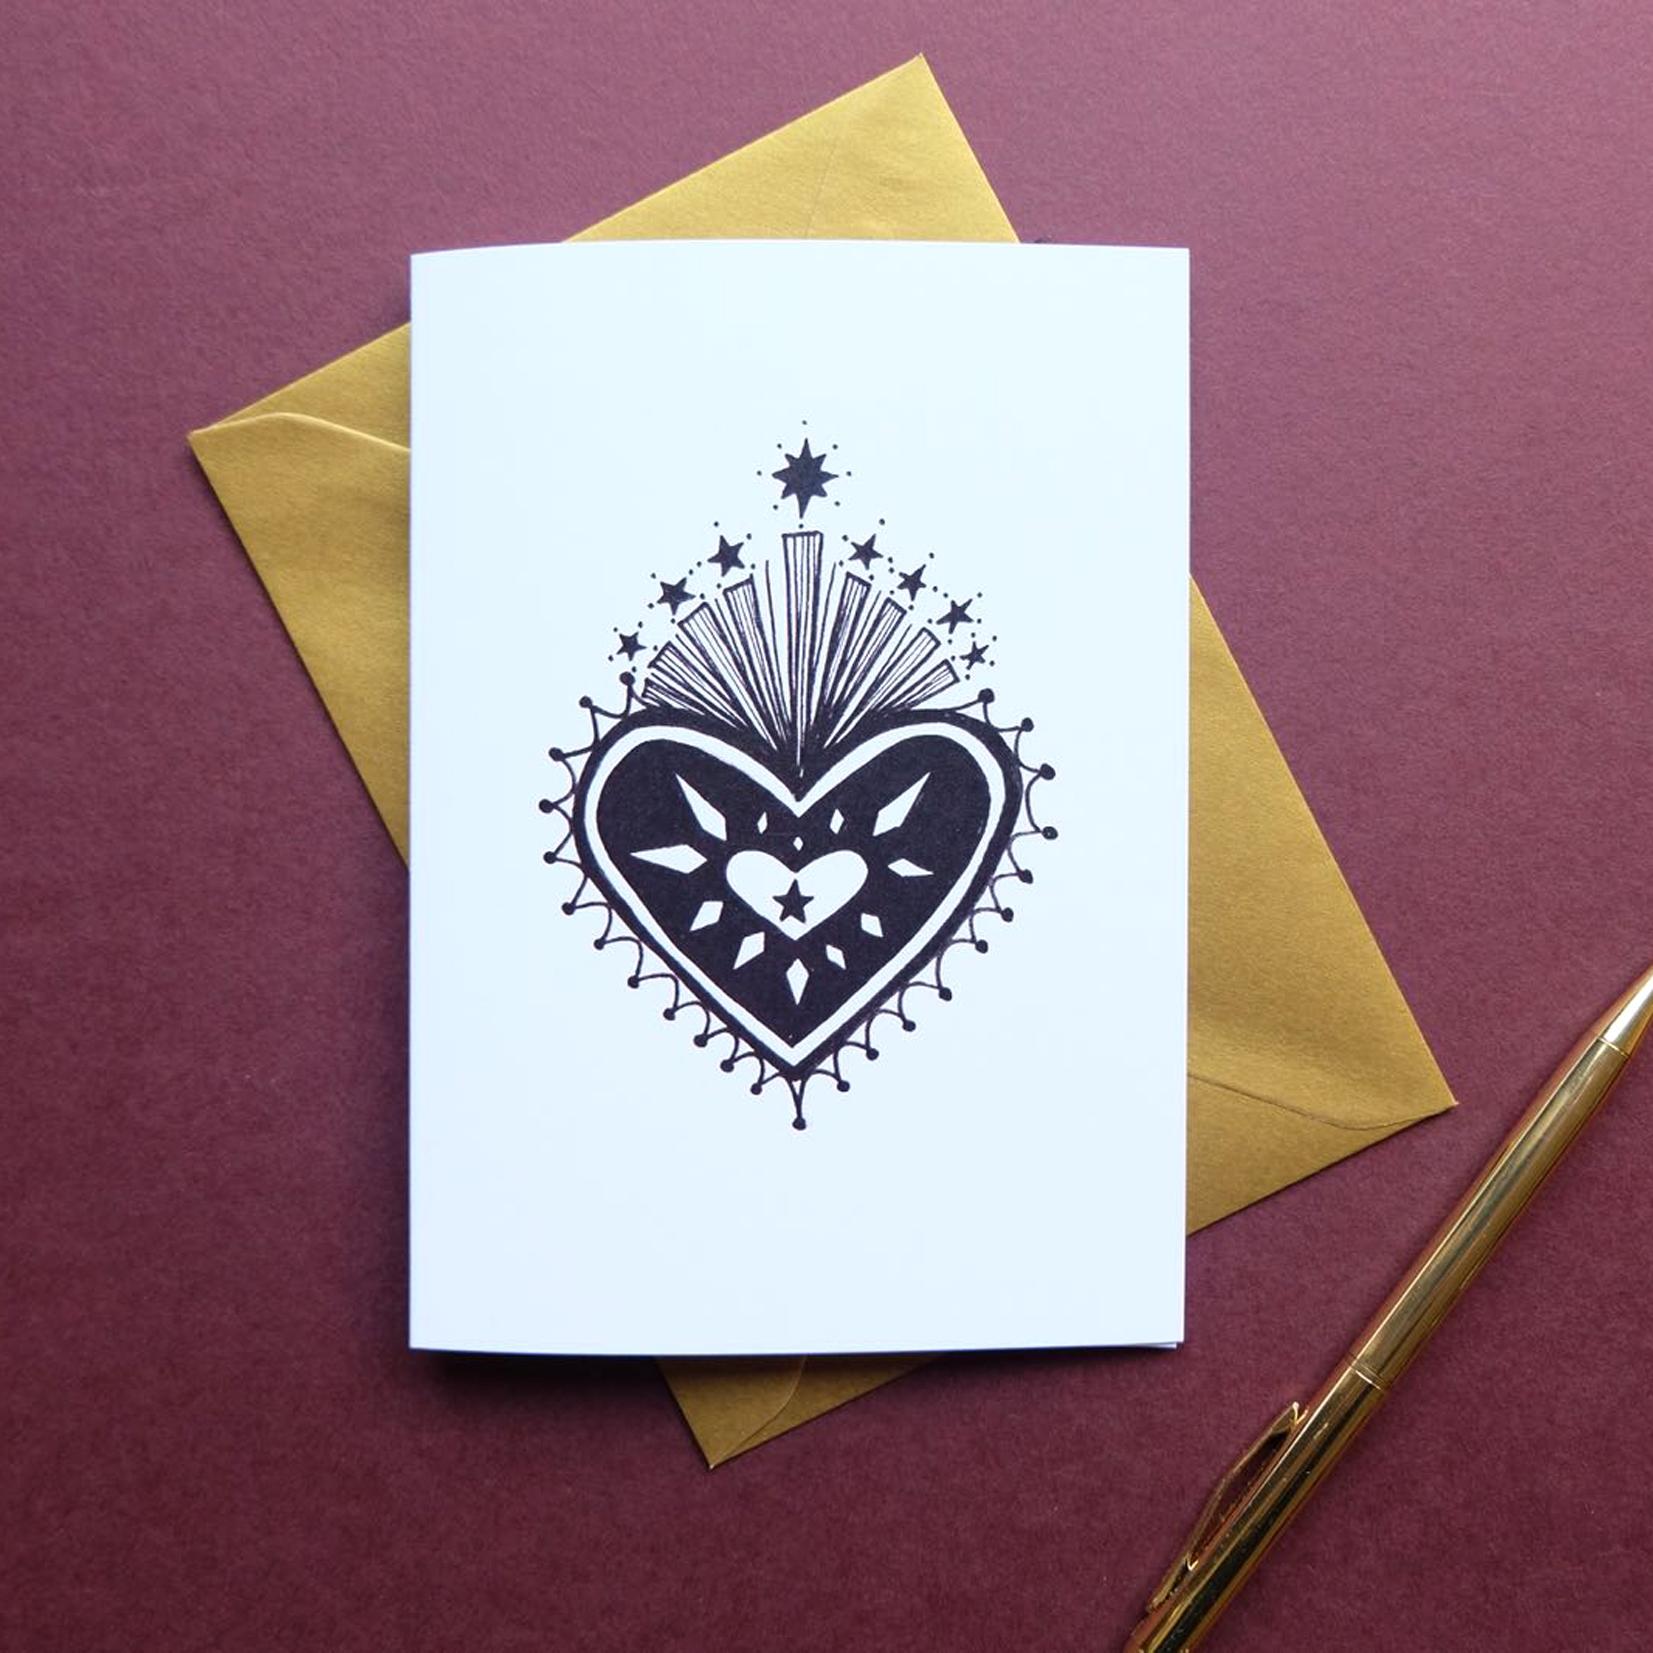 Starry sacred heart 1.jpg